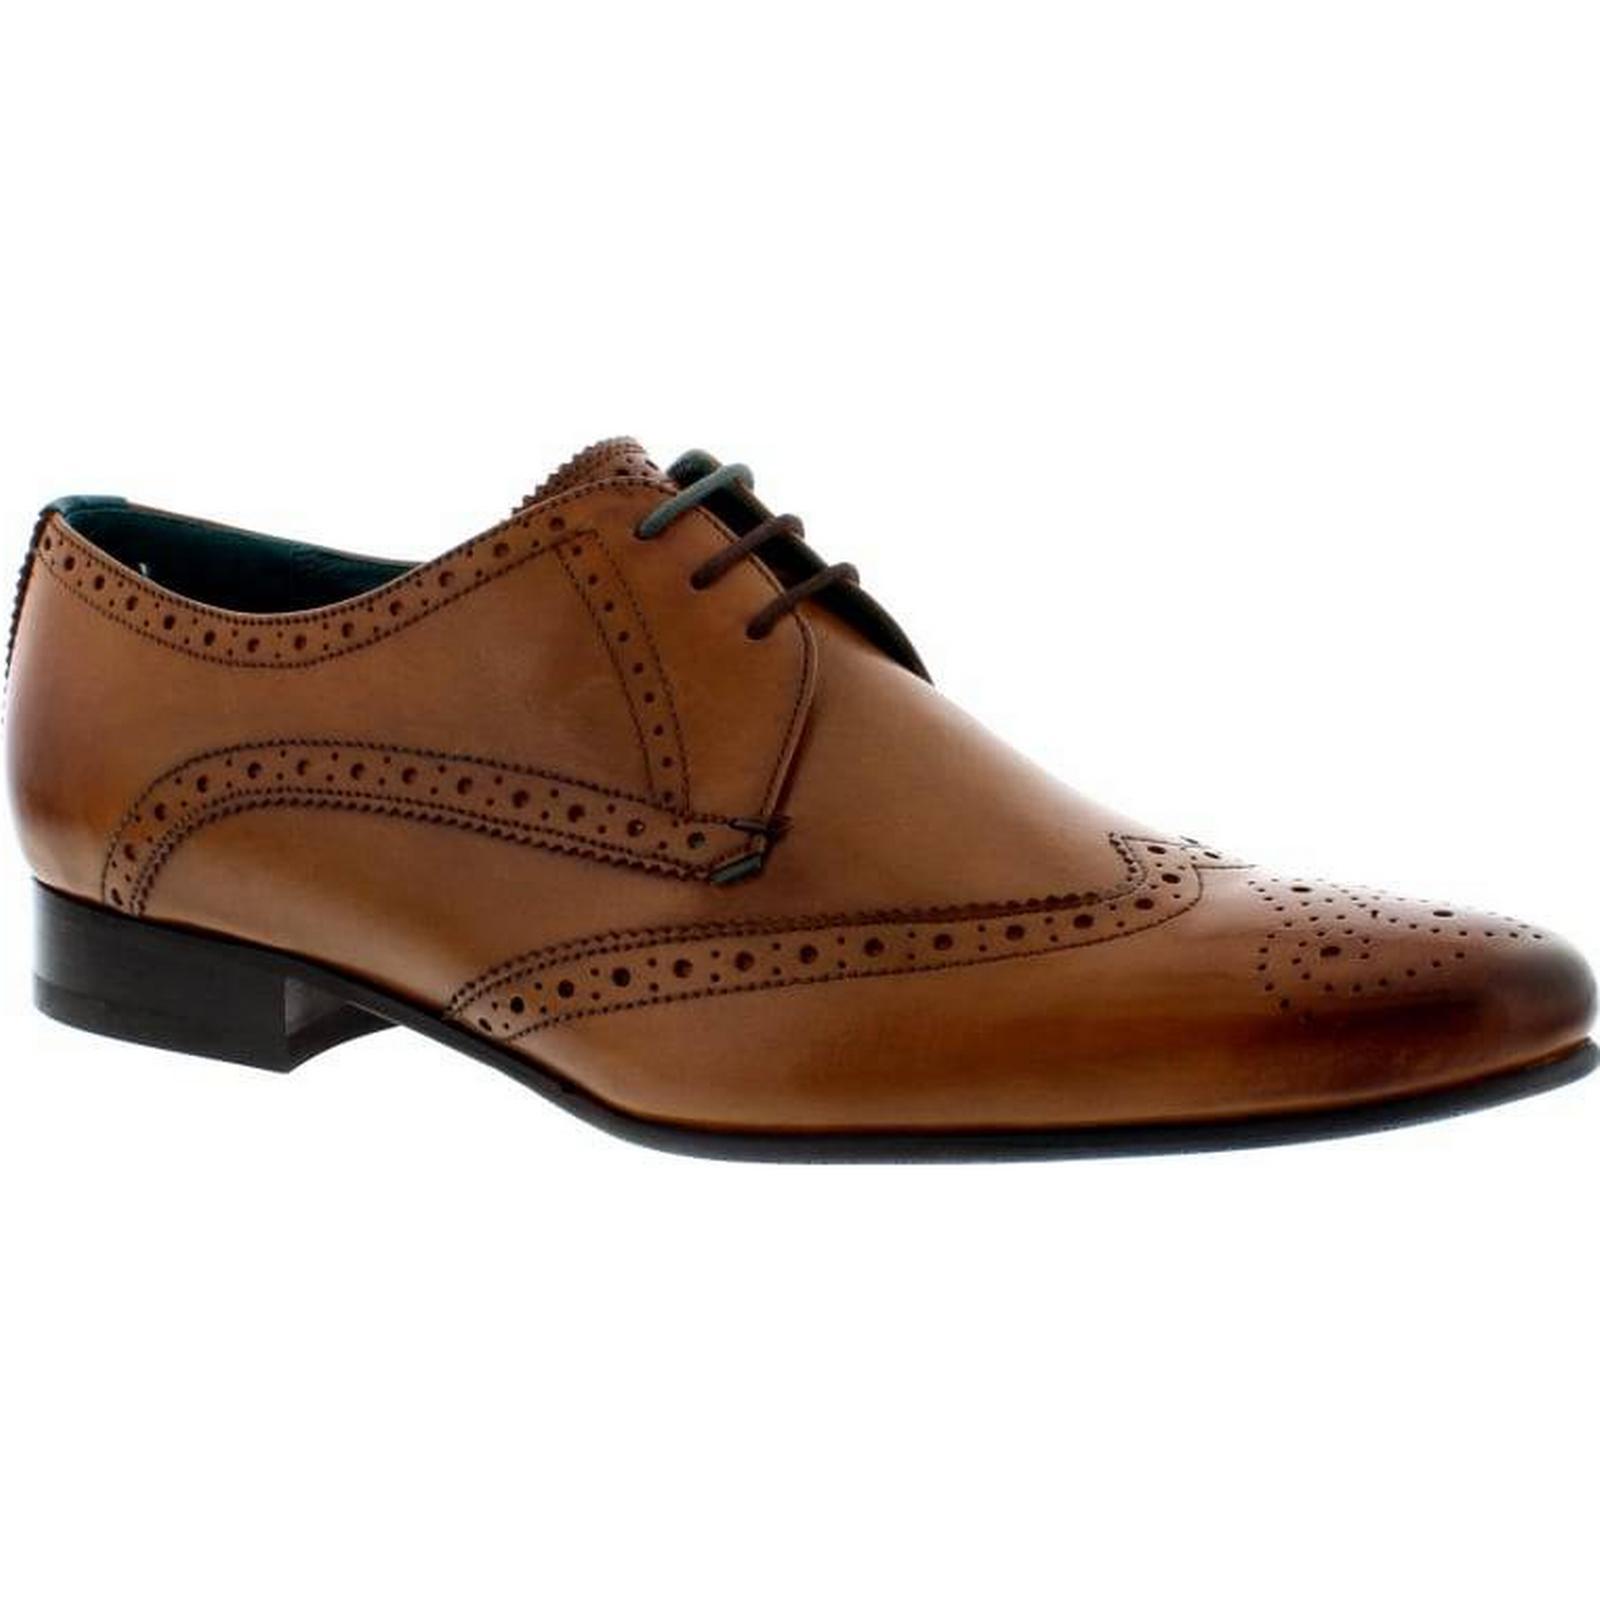 Ted Baker Hosei Size: - Tan Leather Size: Hosei 8 UK 4bc810